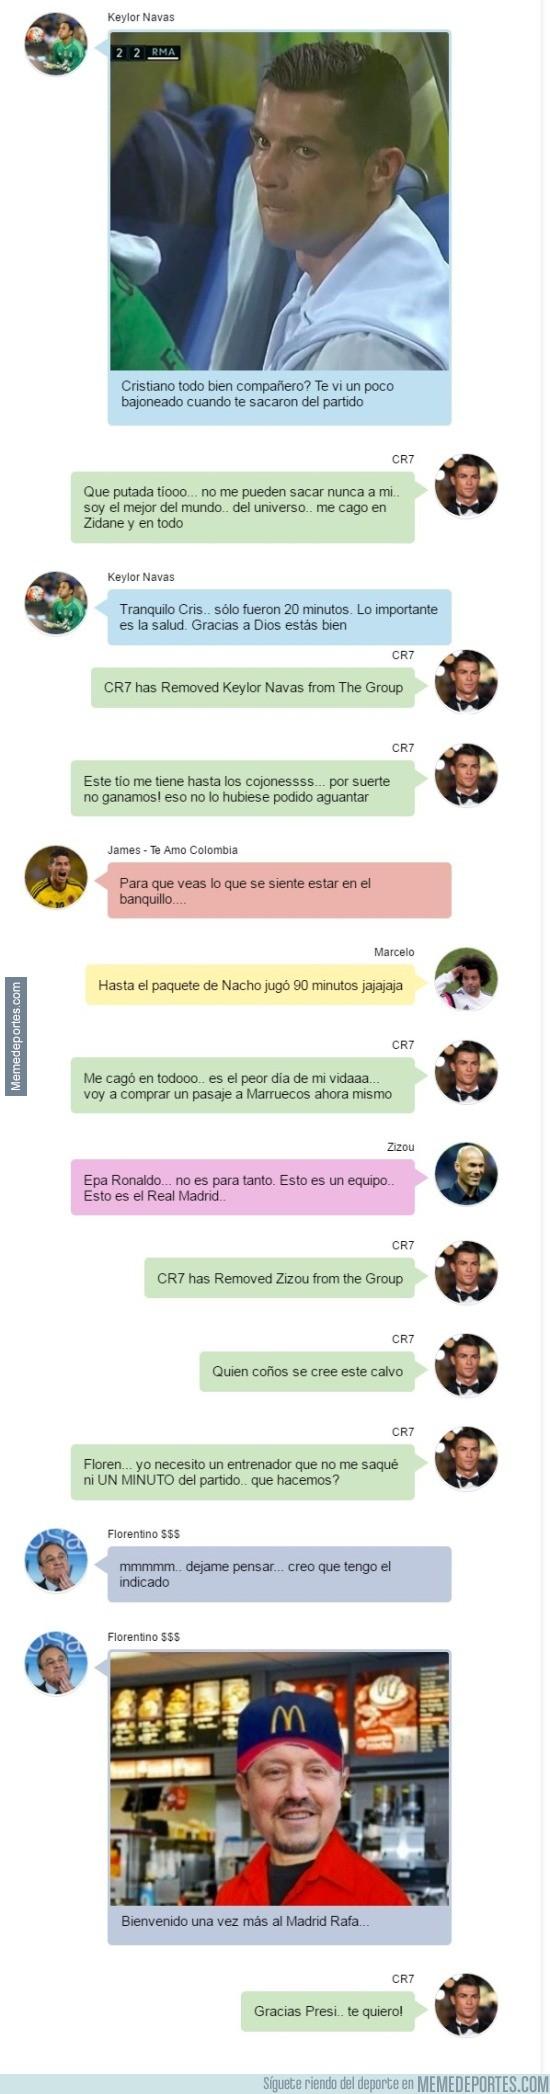 911579 - La conversación de Cristiano Ronaldo en Whatsapp después del partido donde fue sustituido